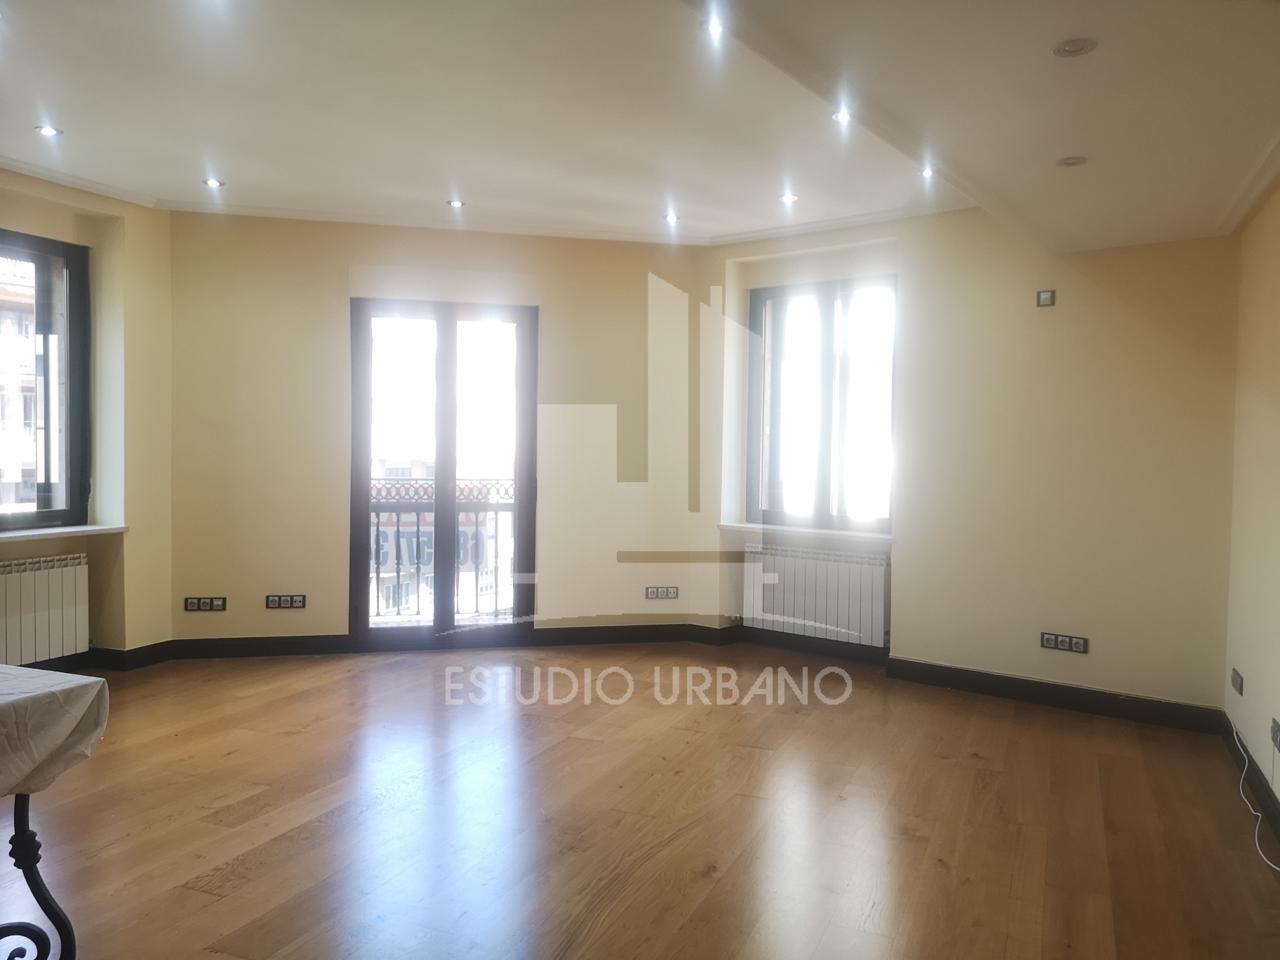 pisos en salamanca · calle-luis-hernandez-contreras-37002 1200€